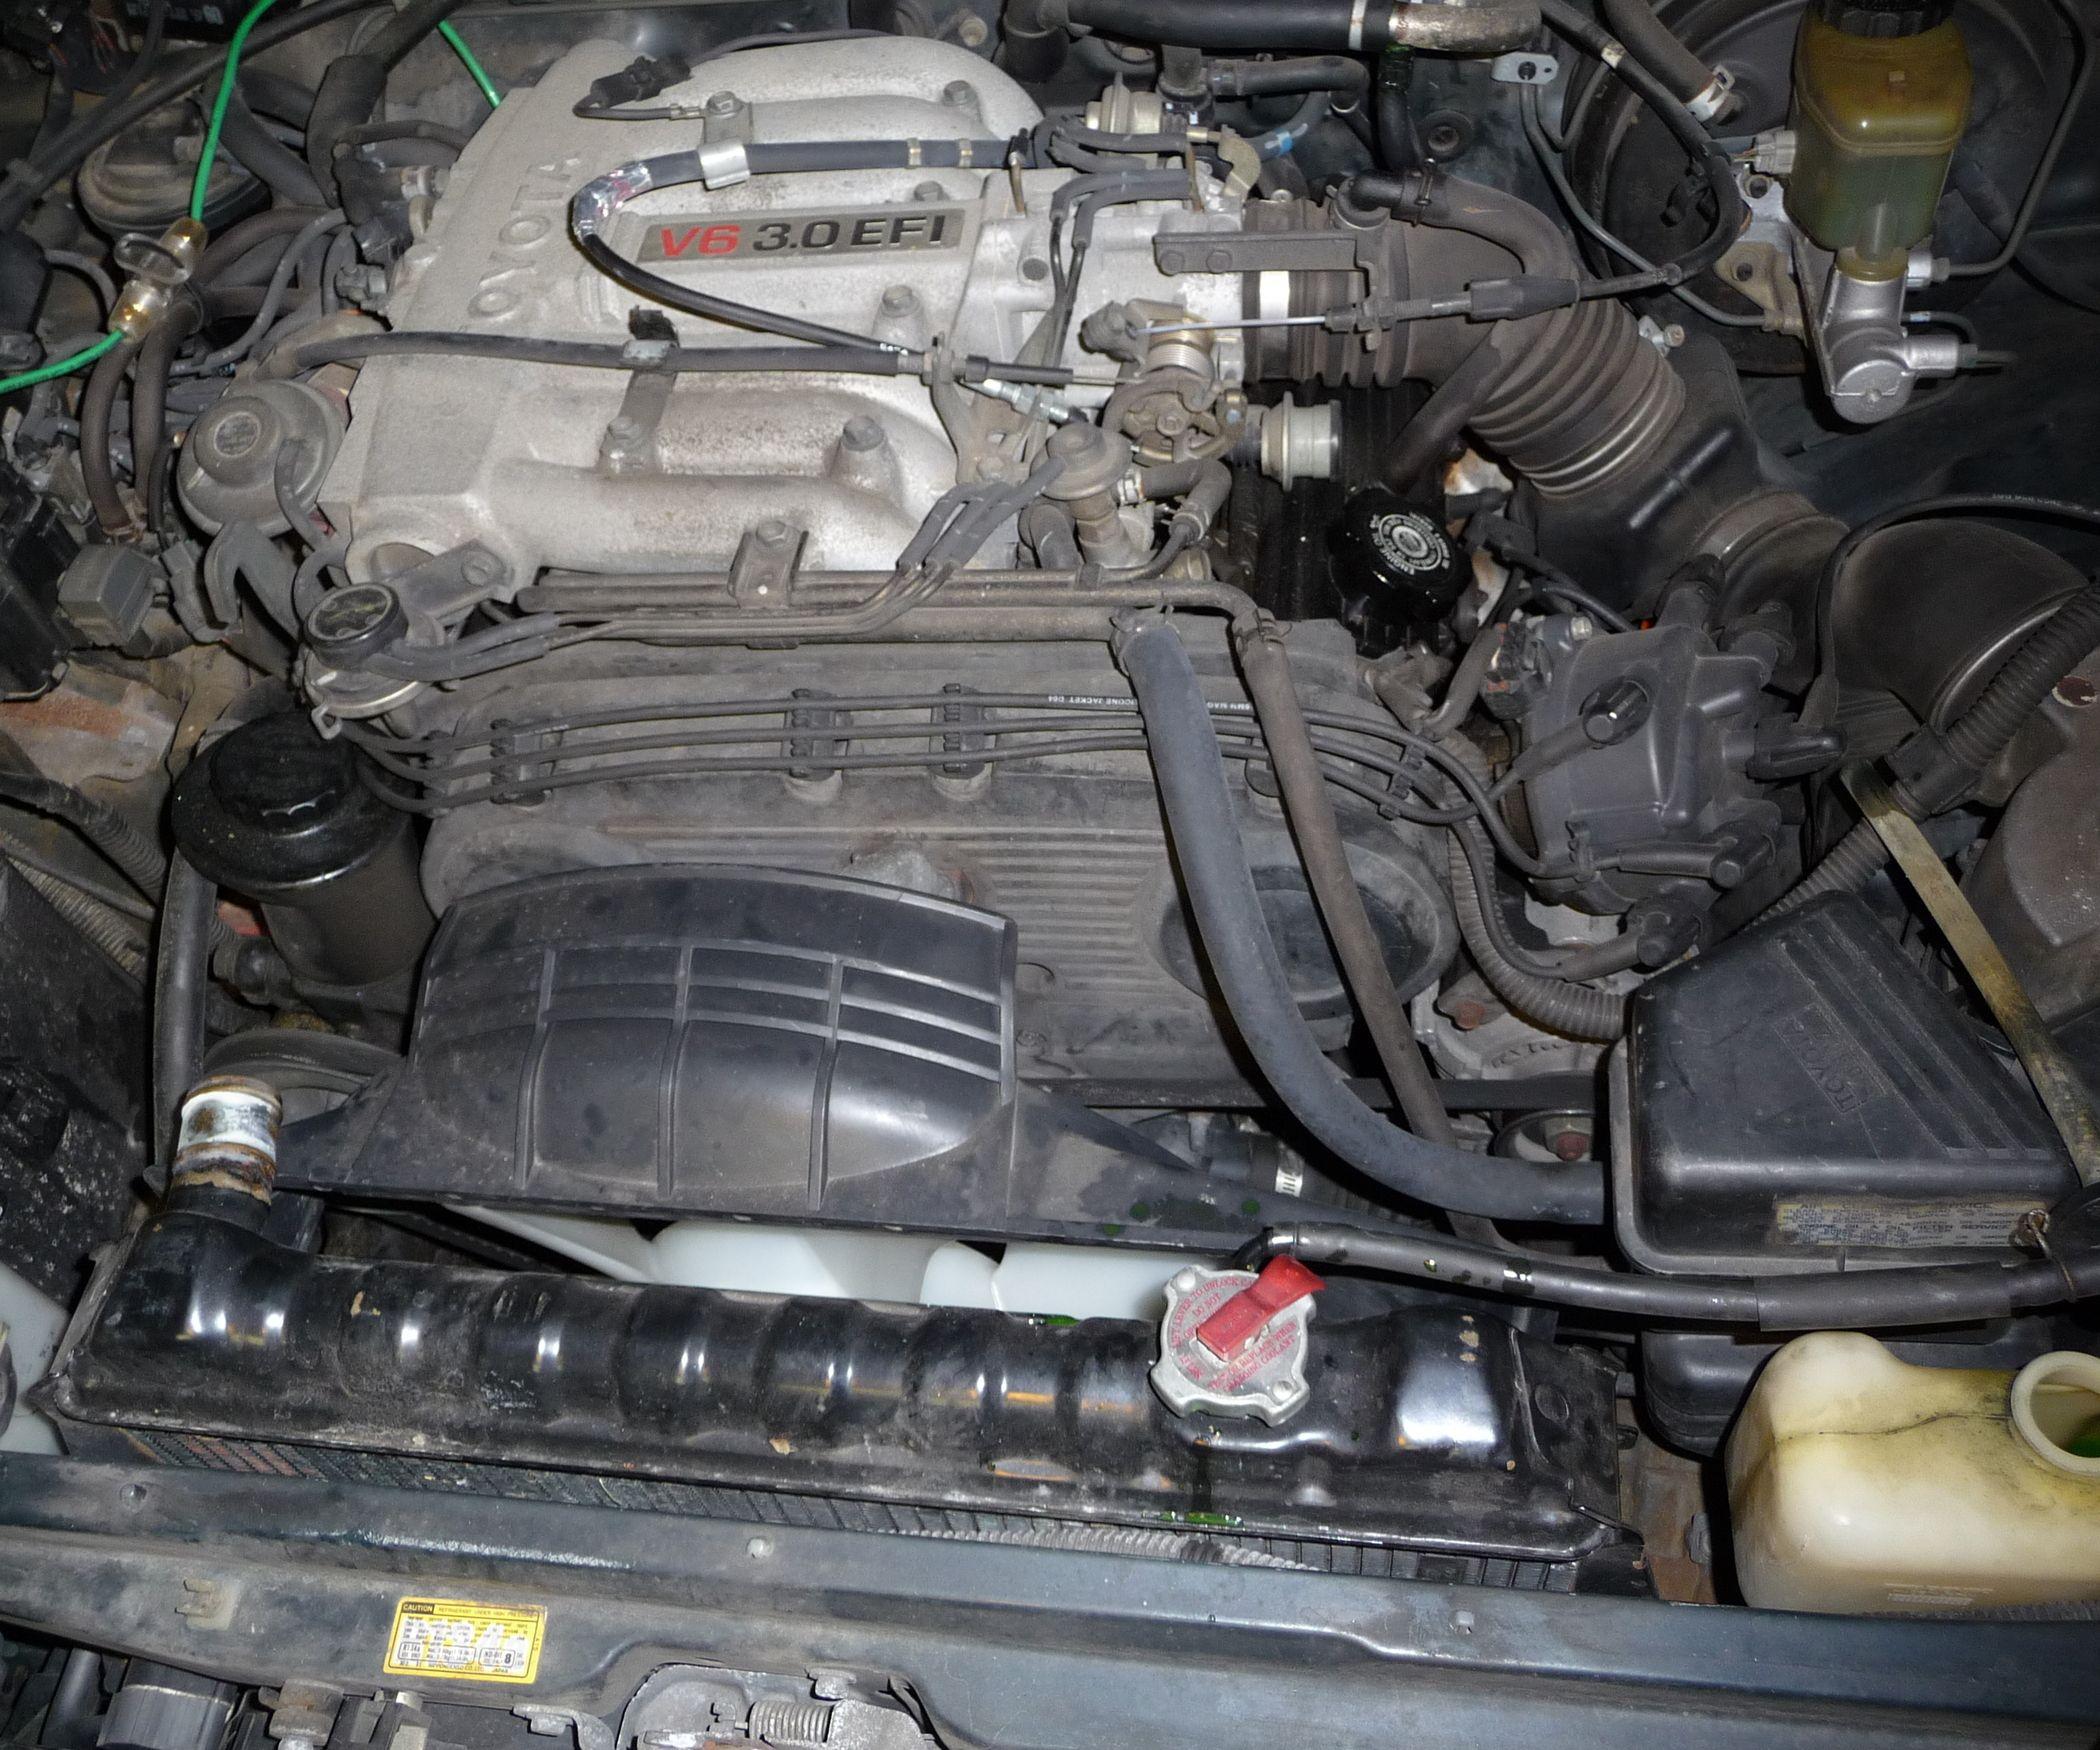 1994 Toyota 4Runner V6 3VZE Timing Belt Replacment | Toyota 4runner, 4runner,  Electric car enginePinterest